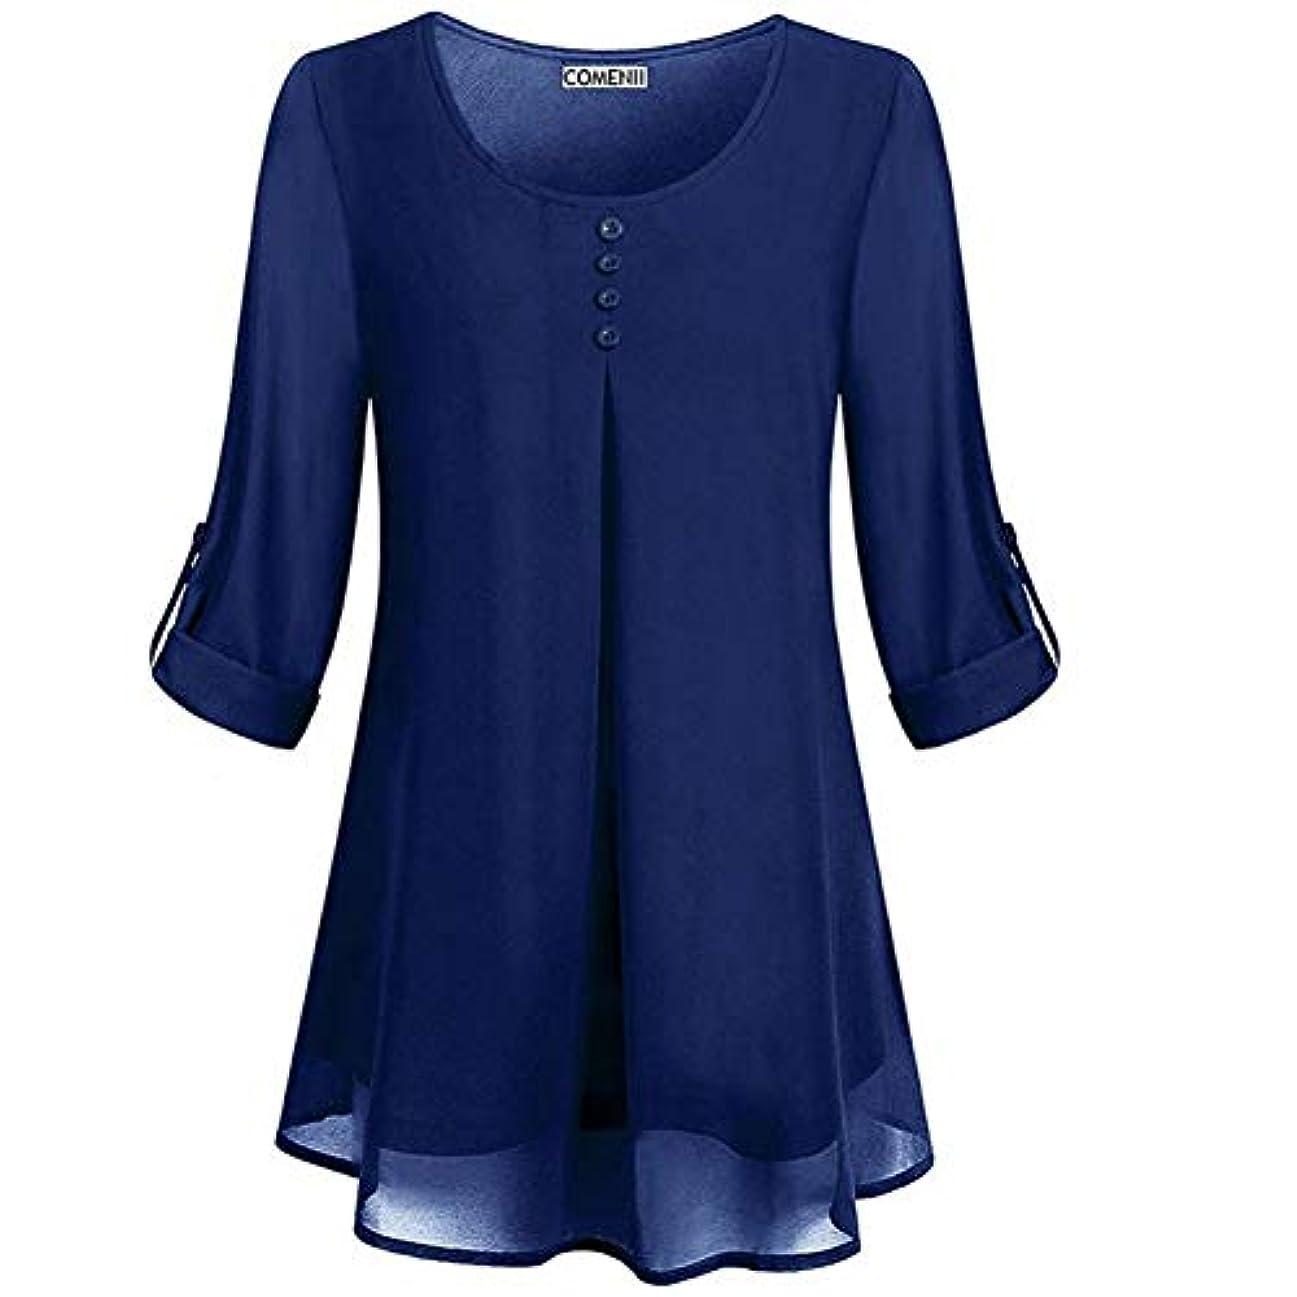 アブストラクトチラチラするシールドMIFAN の女性のドレスカジュアルな不規則なドレスルースサマービーチTシャツドレス